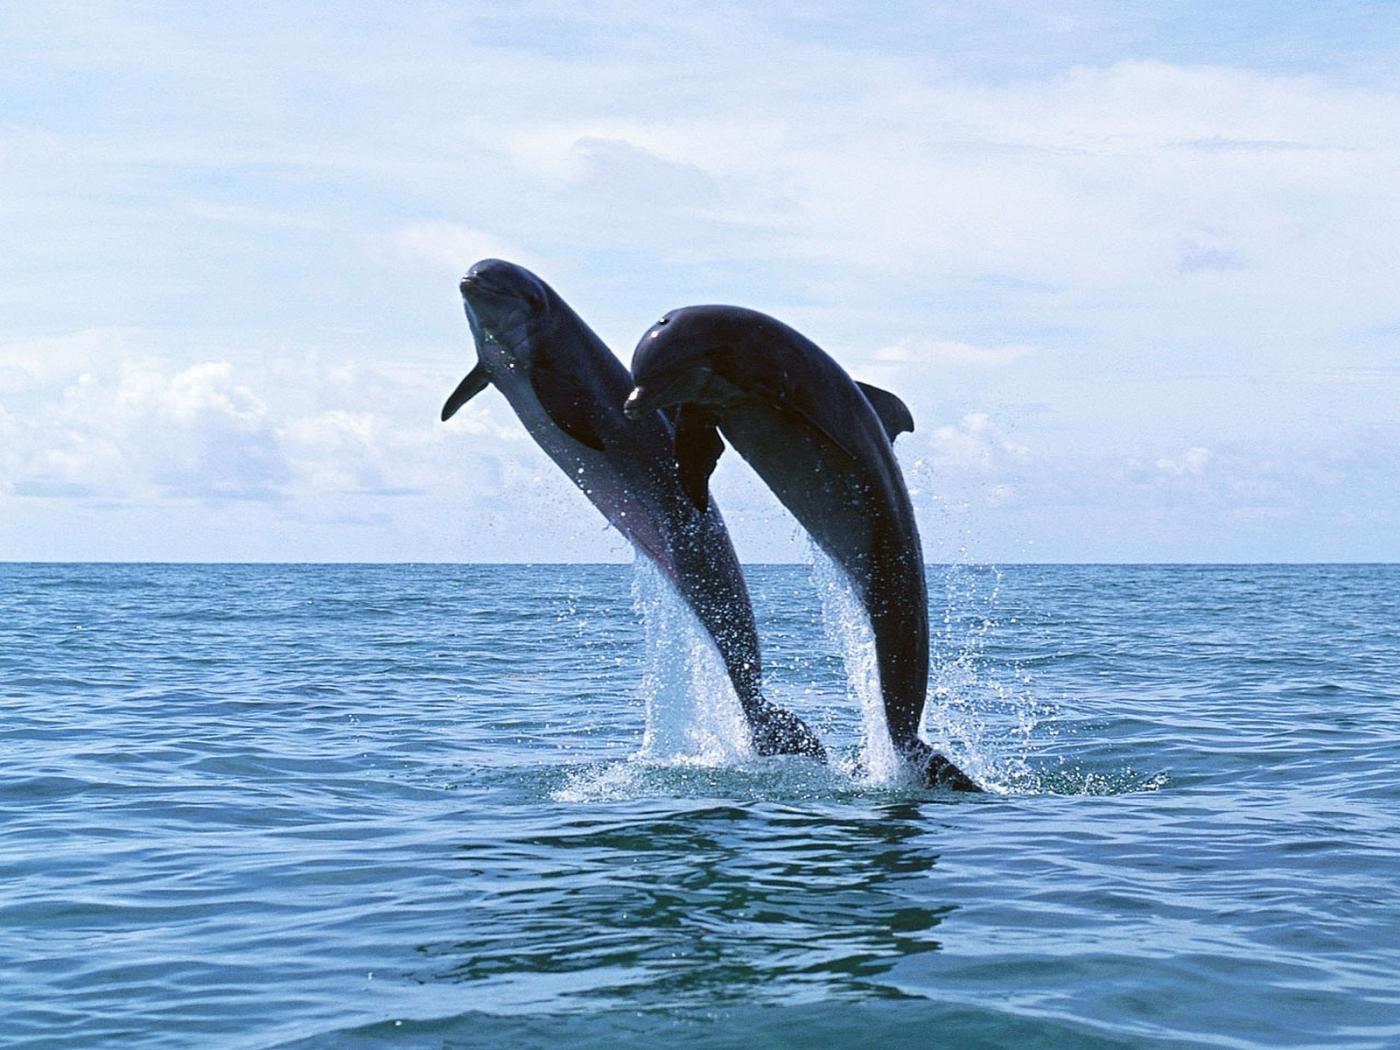 41878 papel de parede 540x960 em seu telefone gratuitamente, baixe imagens Golfinhos, Animais 540x960 em seu celular